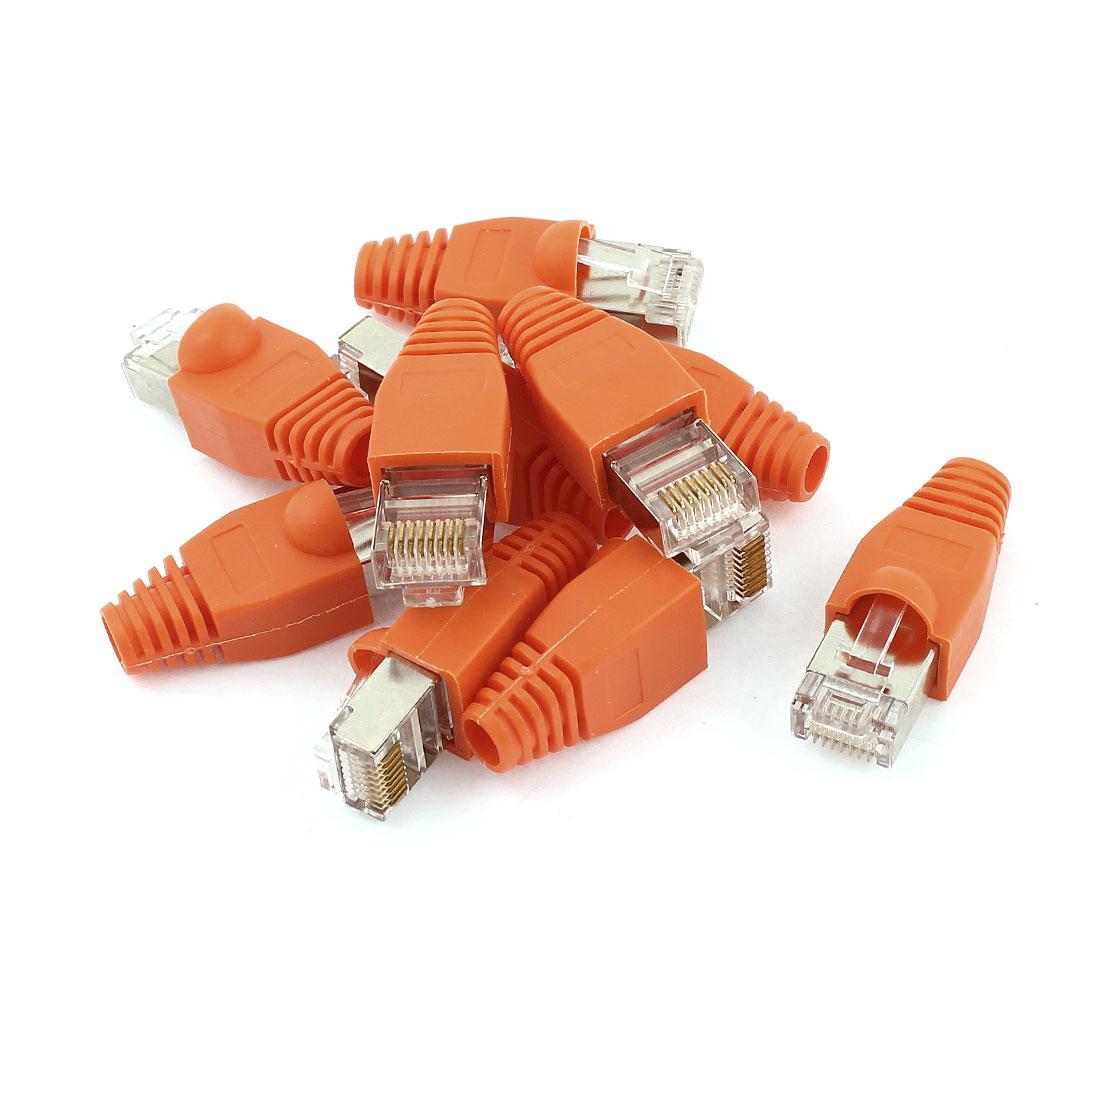 10 Pcs Metal Shielded 8P8C RJ45 End Network Connectors w Boots Cover Orange